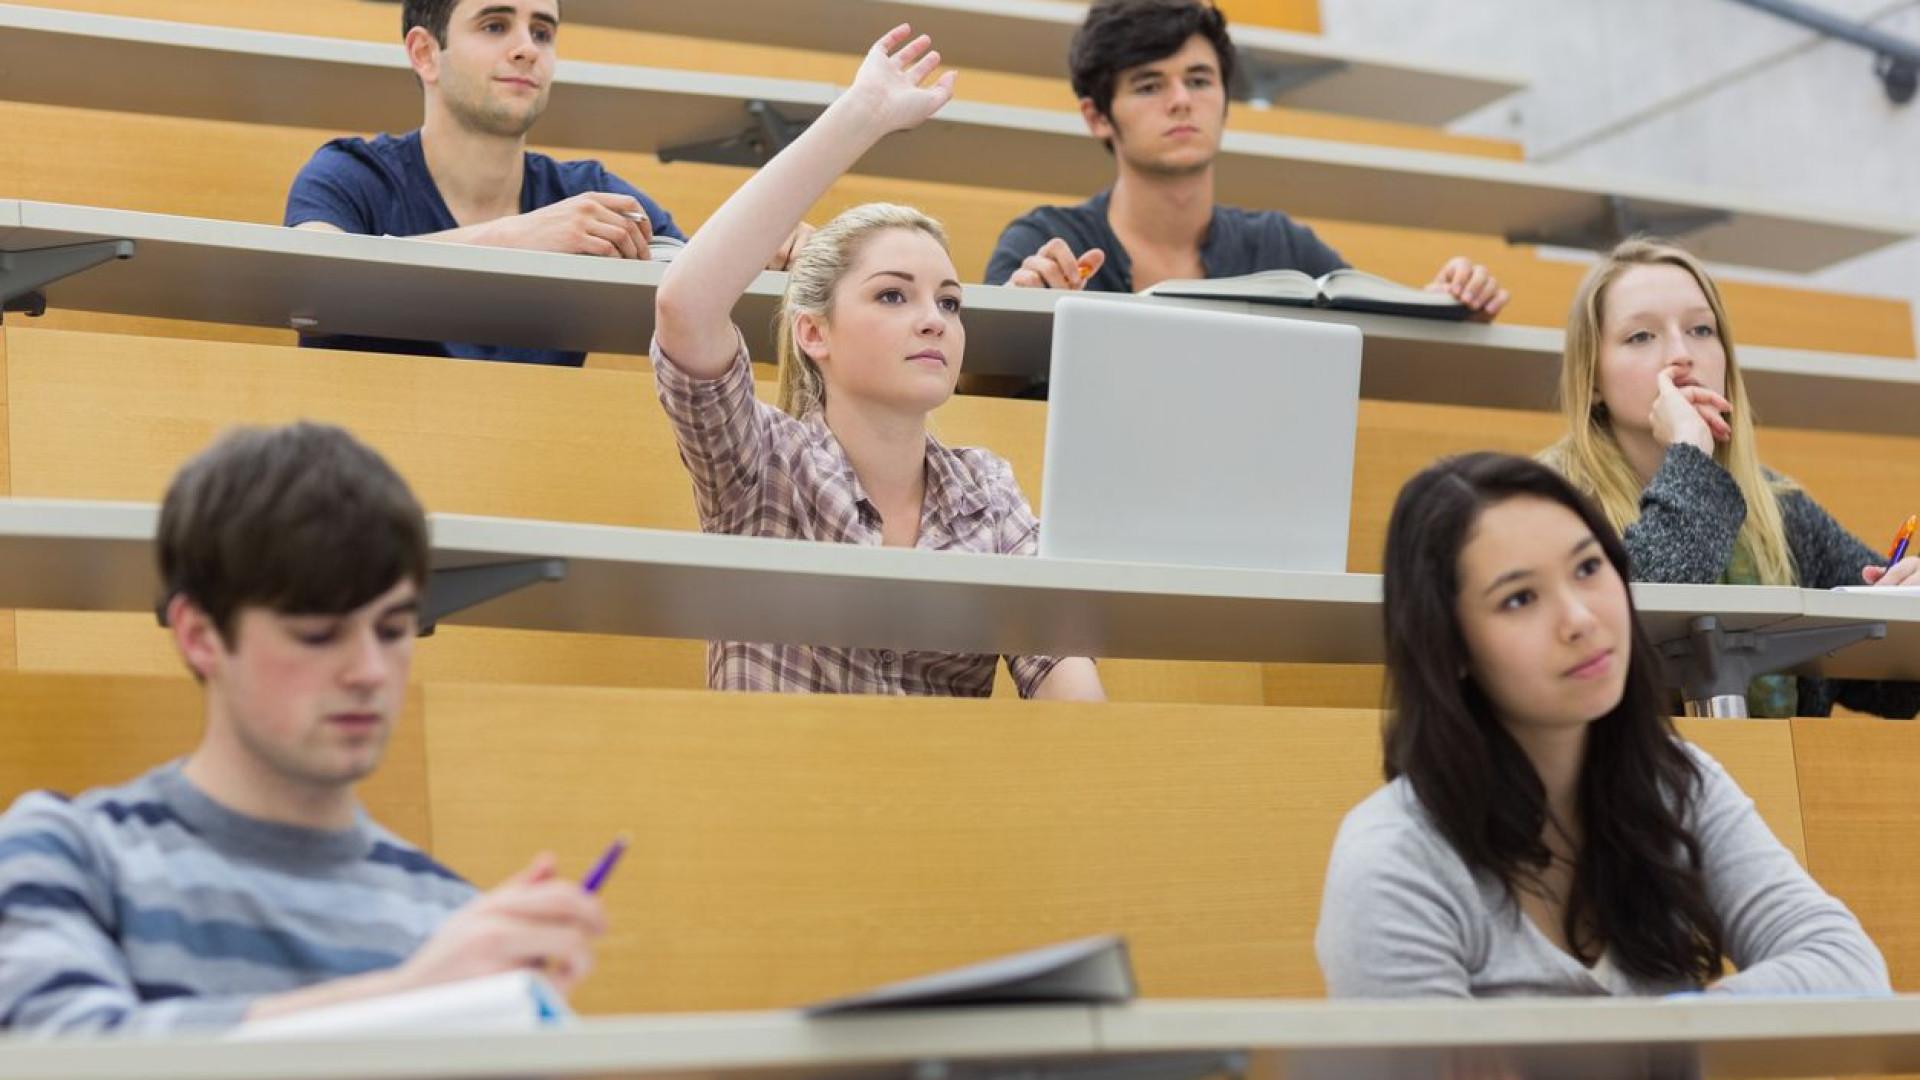 Estudantes universitários, eis como descontar o valor da renda no IRS